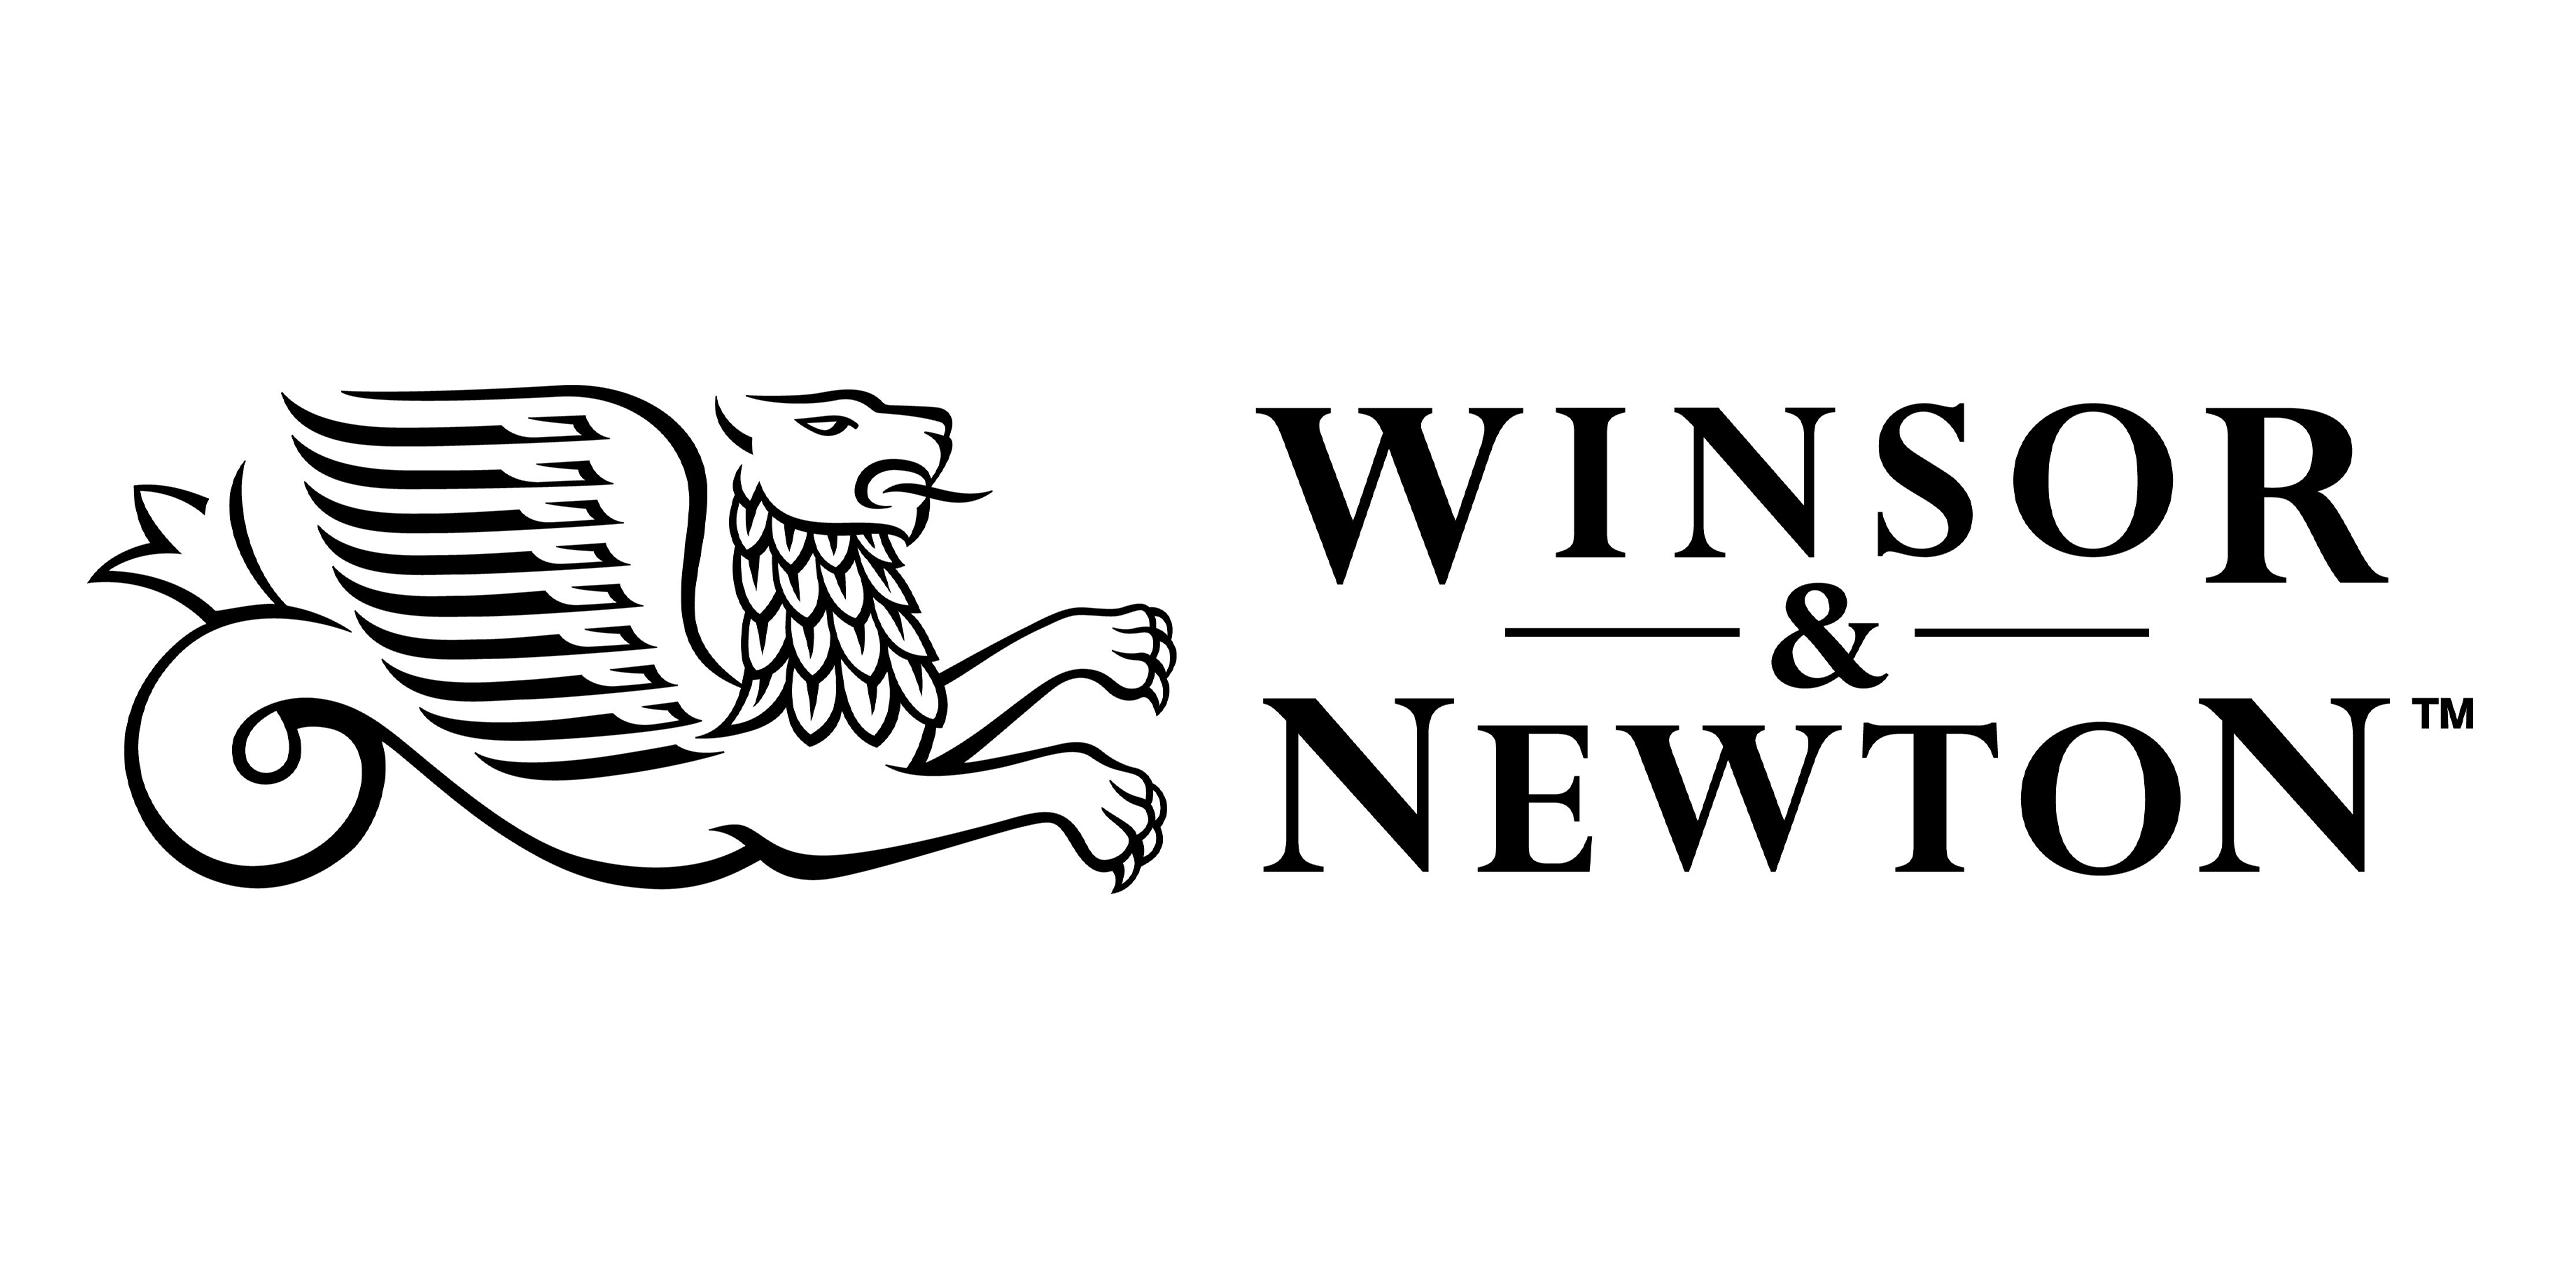 وينسر نيوتن | Winsor Newton